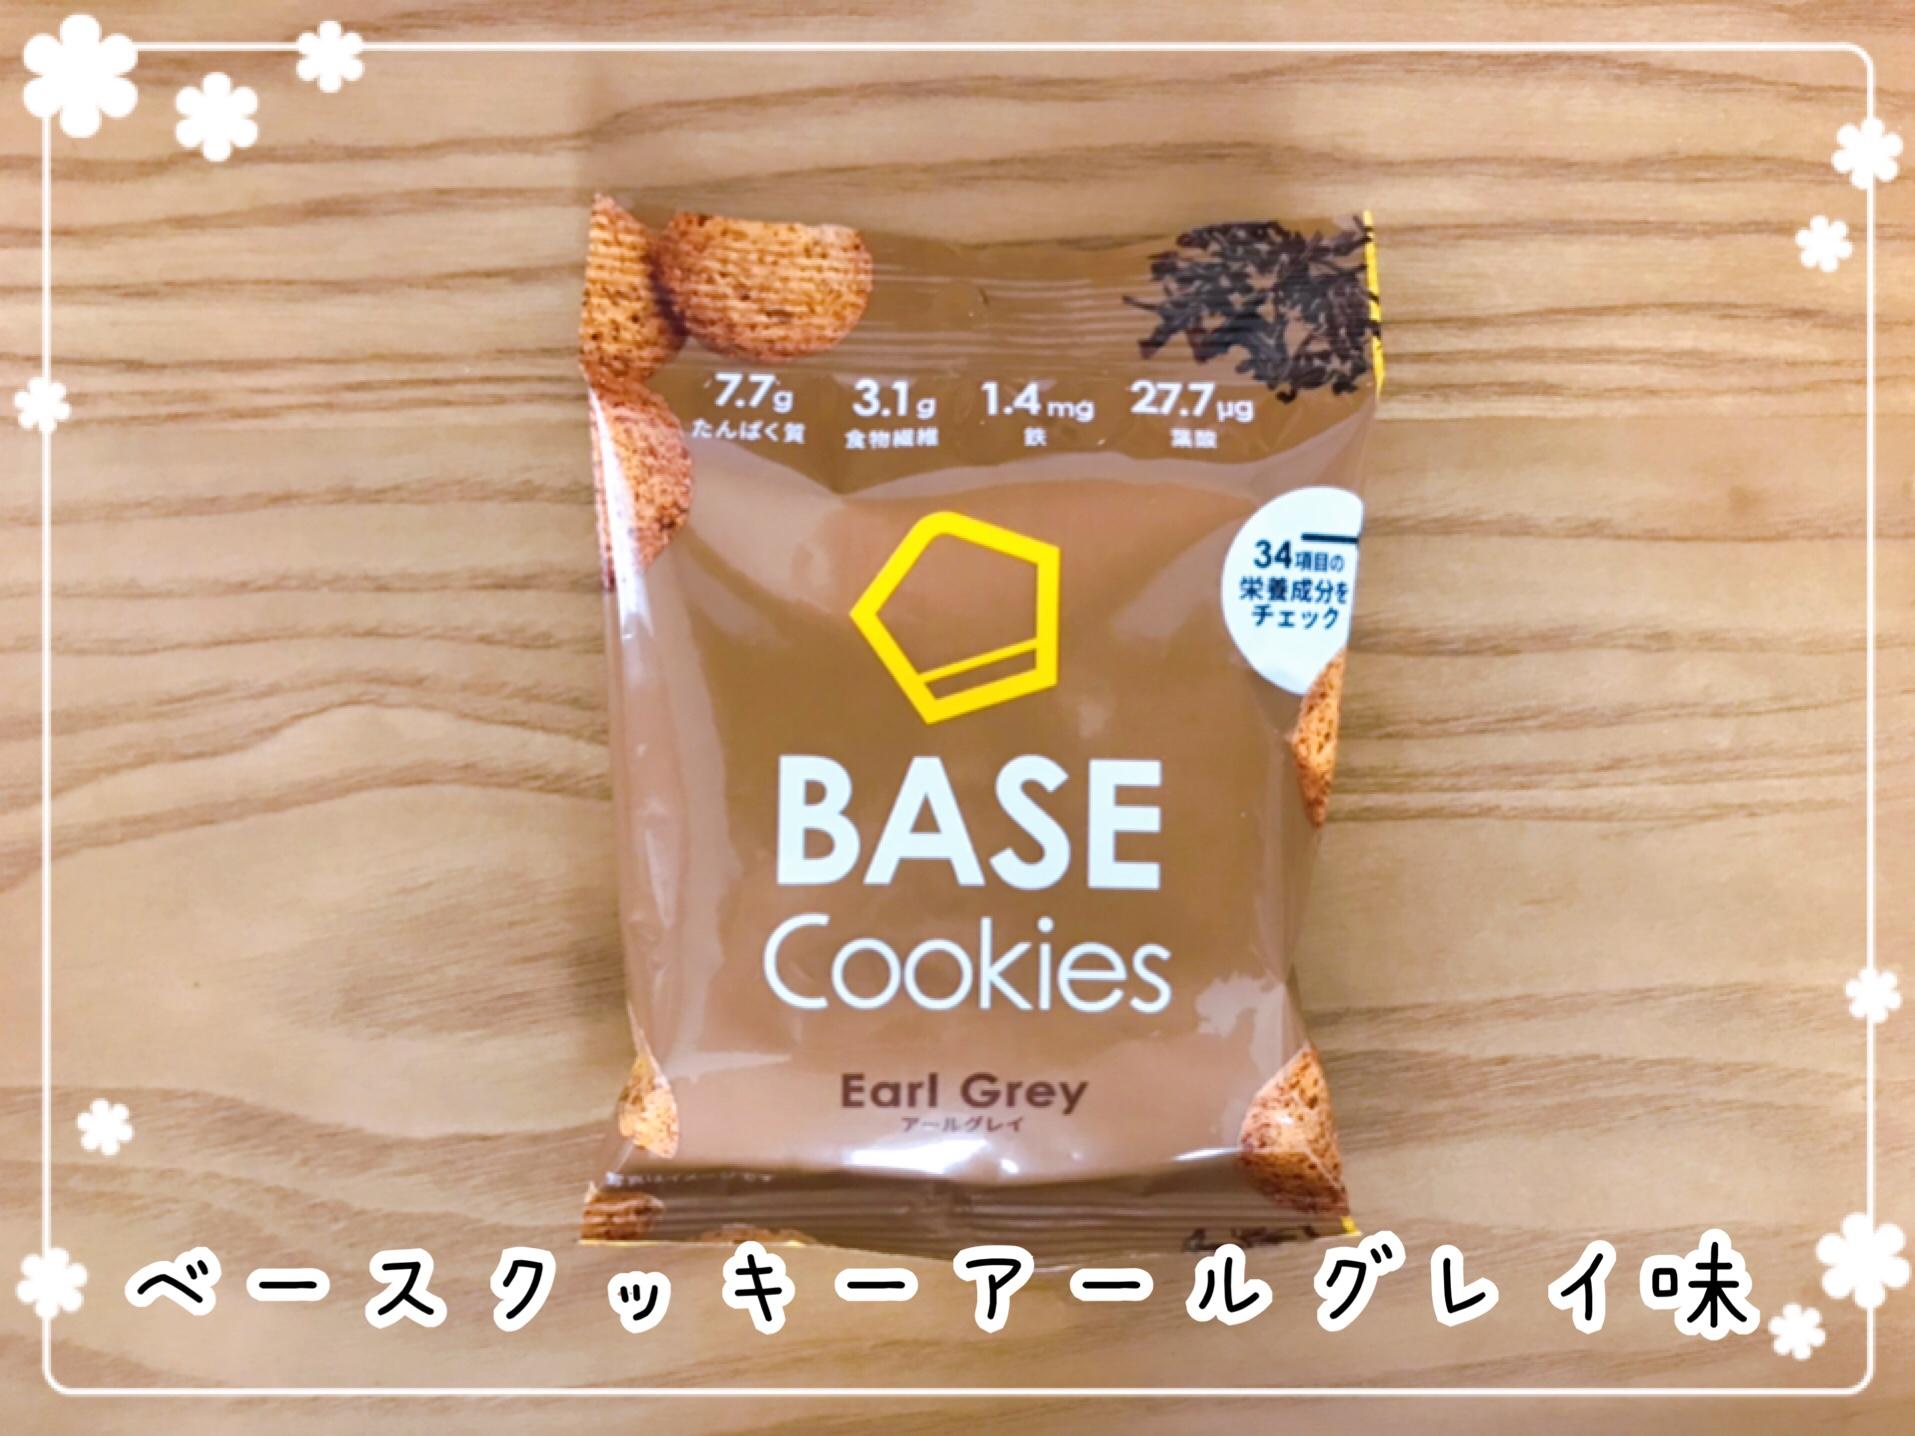 ベースクッキー口コミ